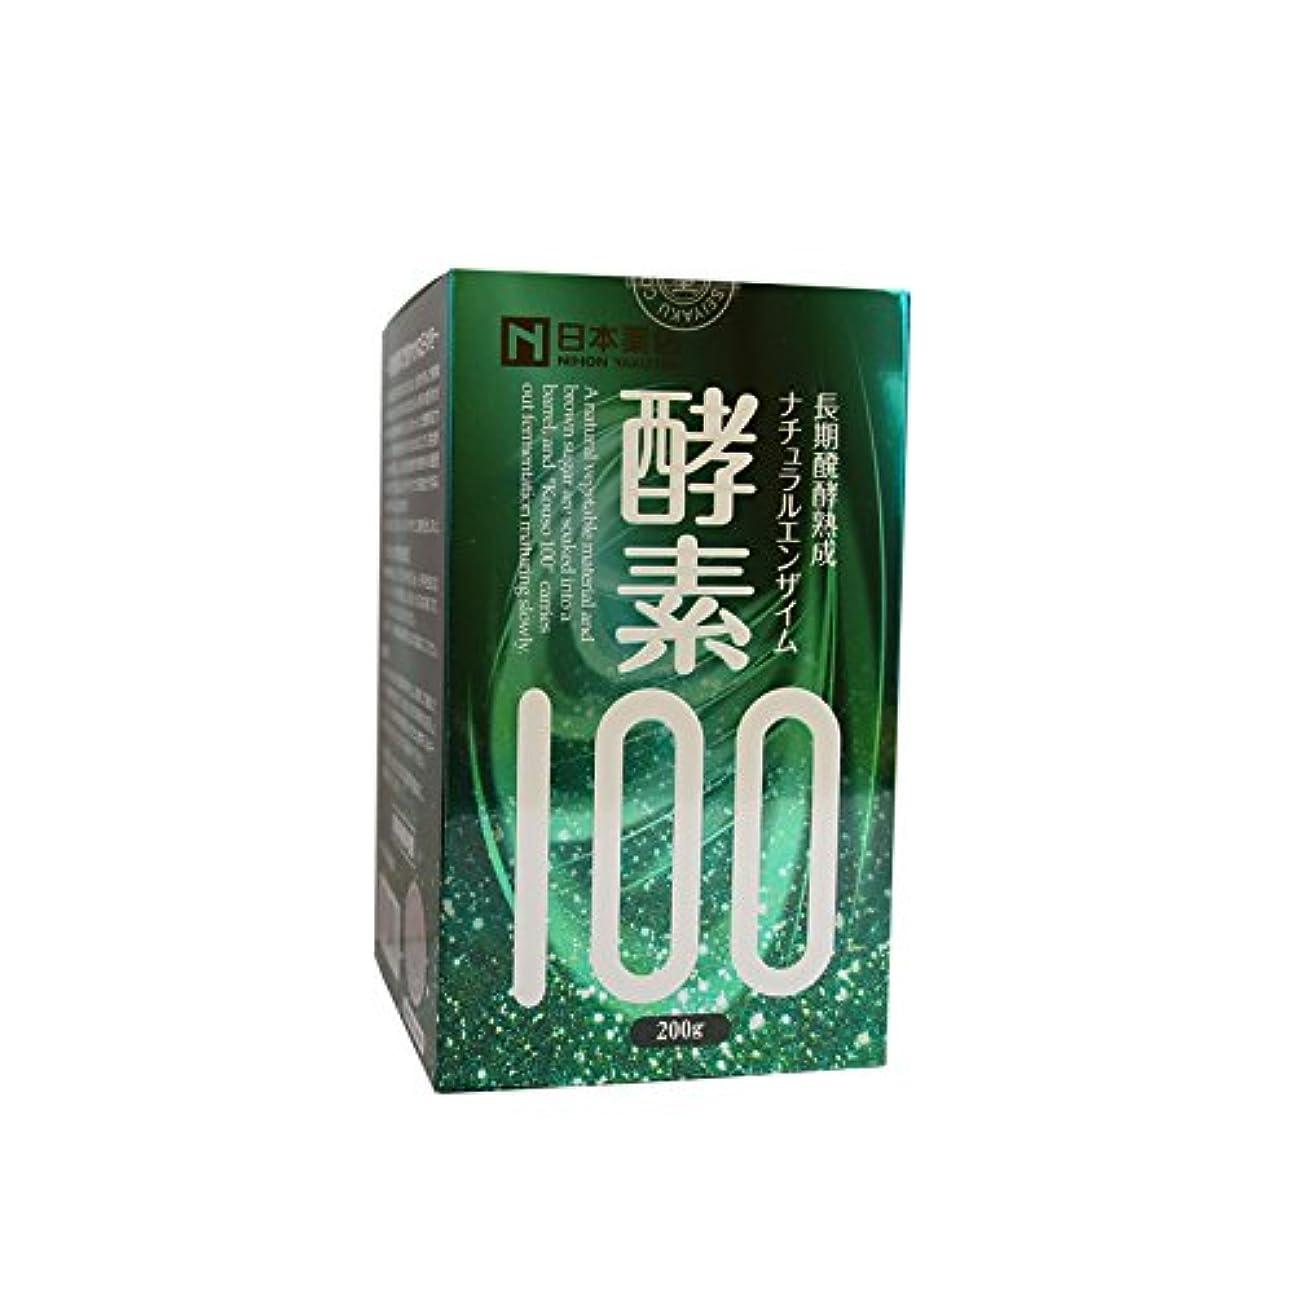 後継裁判所誰か日本薬店 酵素100 3年発酵 200g 日本製